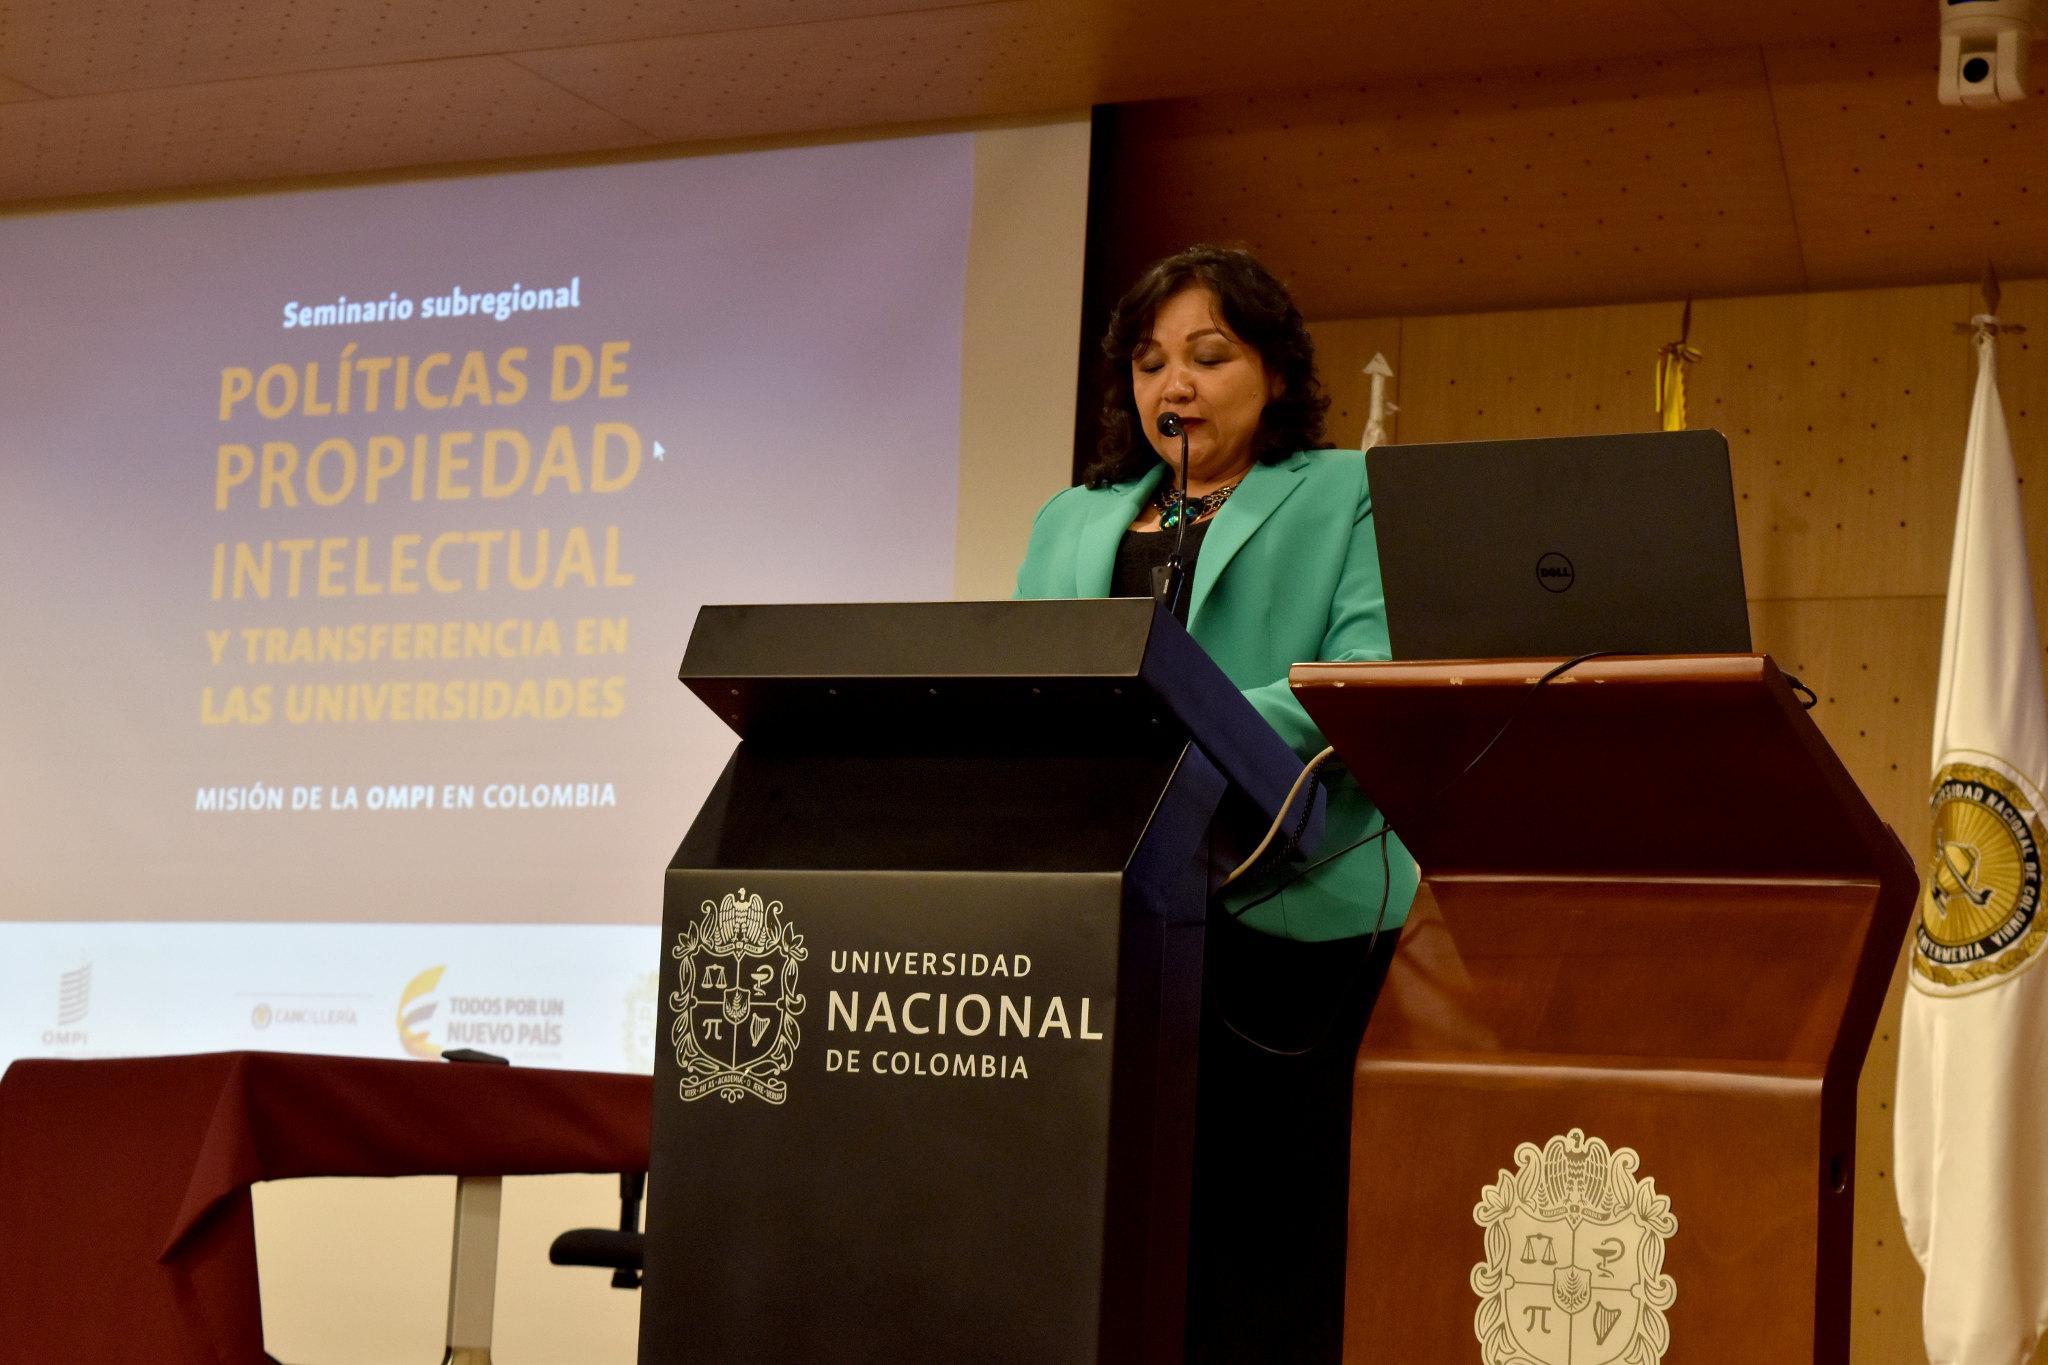 Acto de cierre del seminario, con Amanda Lucía Mora Martínez, directora nacional de Investigación y Laboratorios y vicerrectora (e) de Investigación de la Universidad Nacional de Colombia (Foto: Aura Flechas / DNEIPI / VRI)